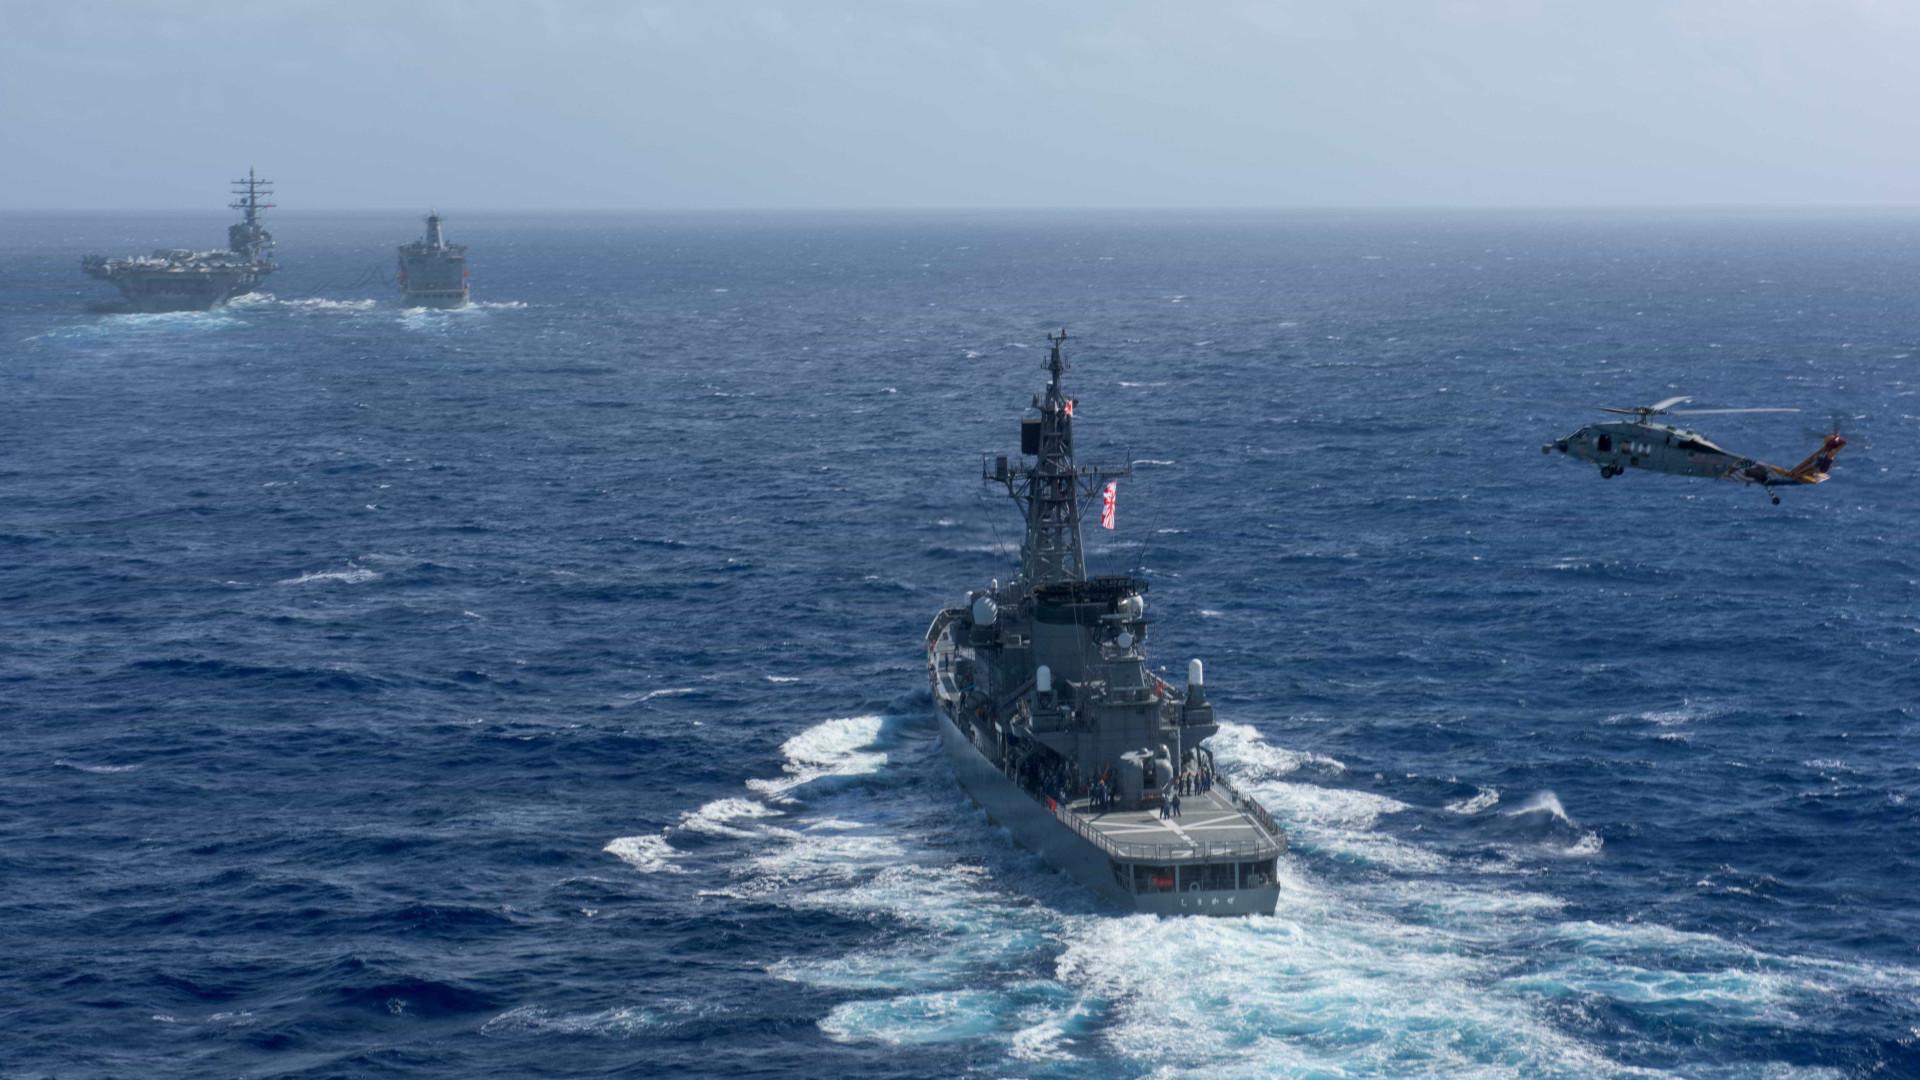 Estados Unidos excluem China de exercícios militares no Pacífico